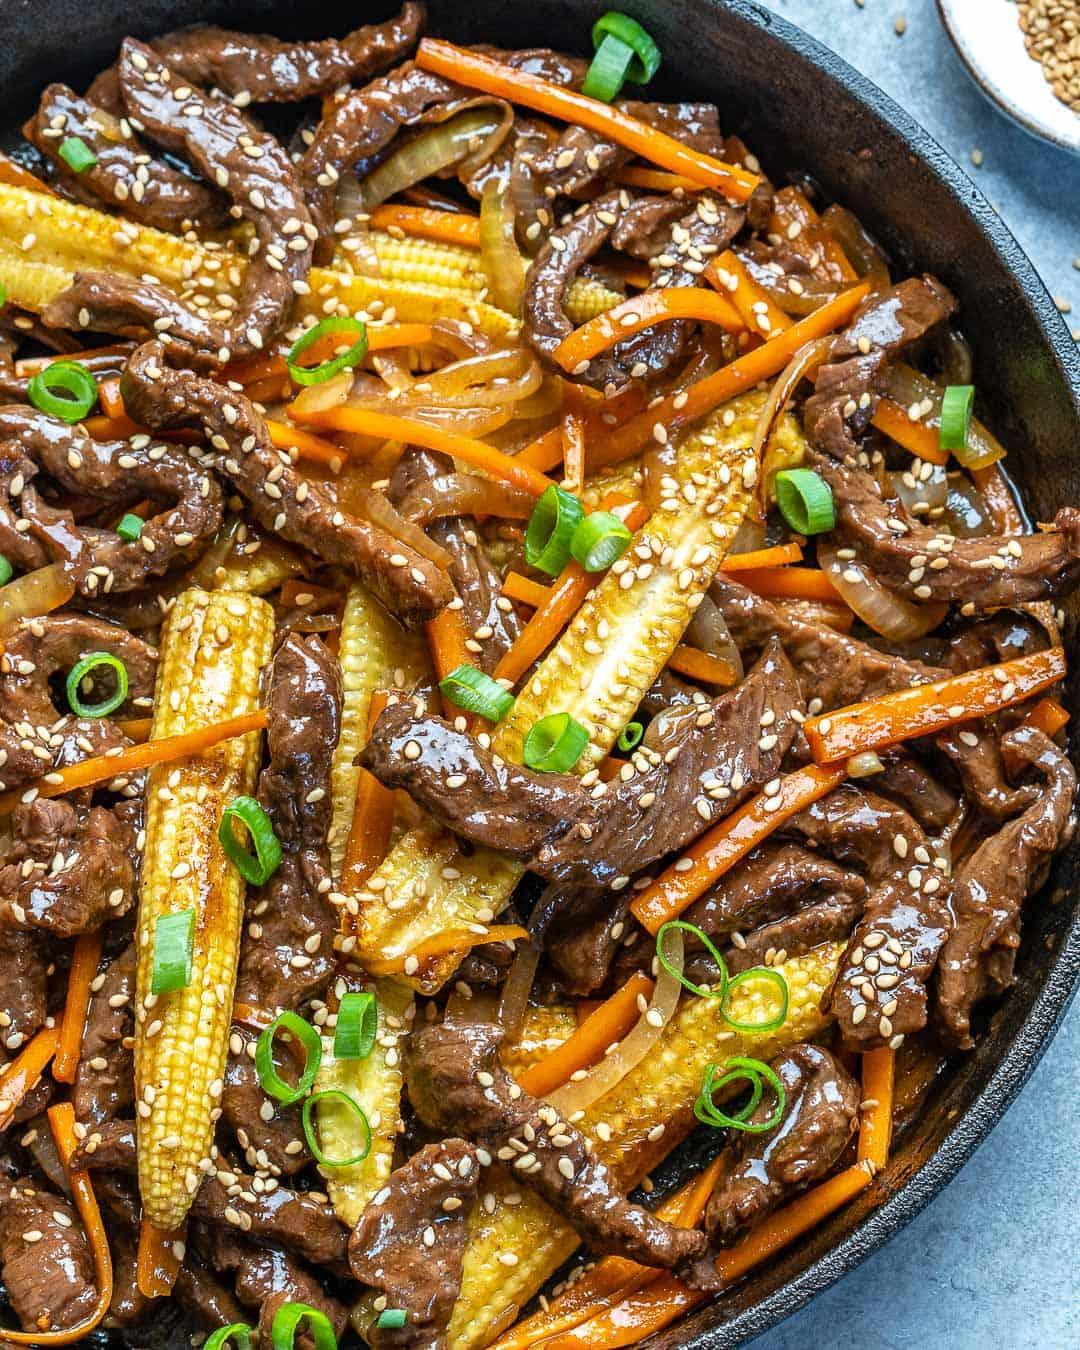 Beef stir fry in a black skillet.